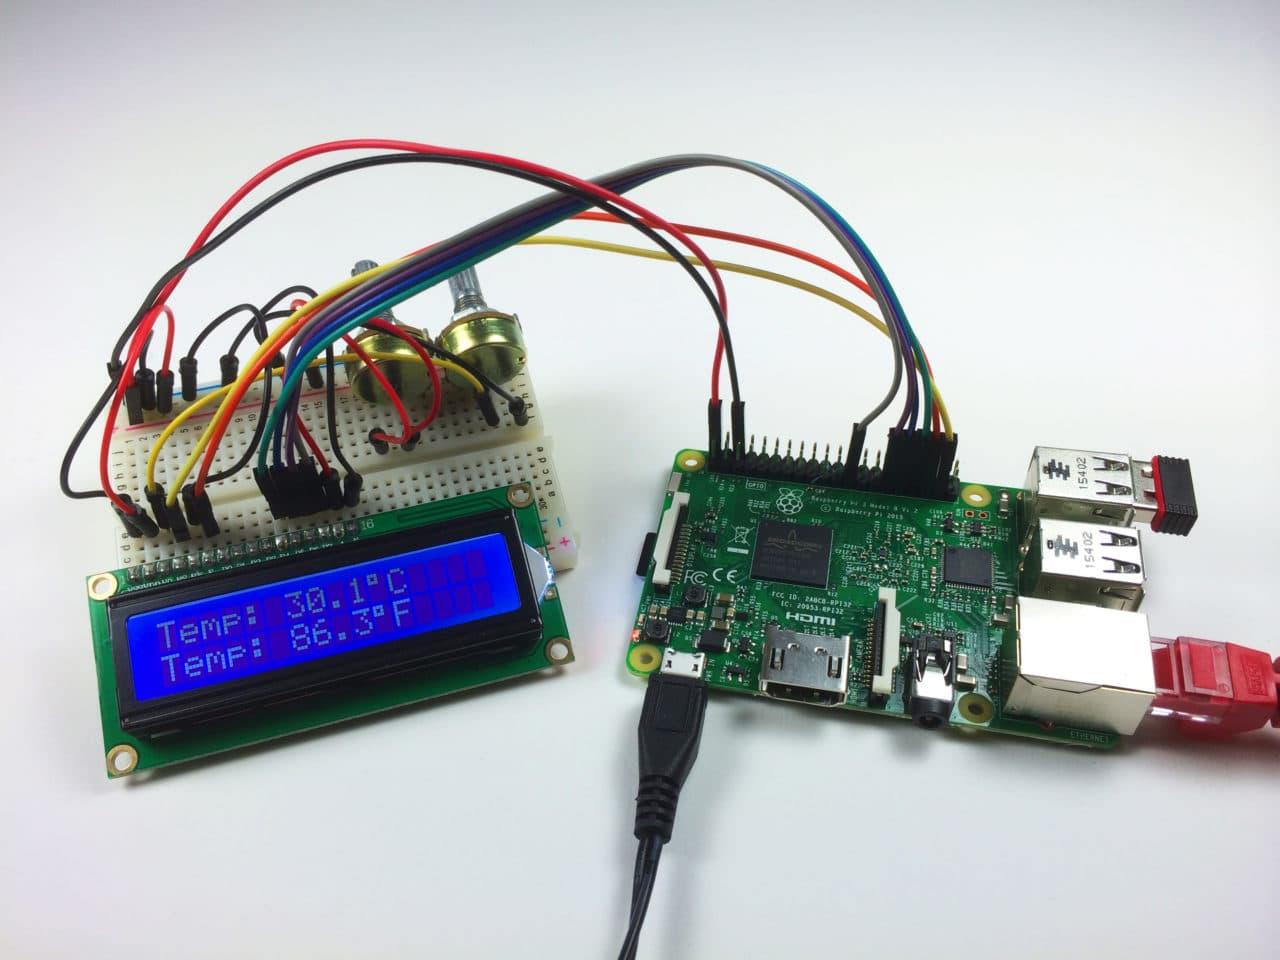 crisstel.ro Raspberry PI – Internet Radio cu shield LCD 20x4 postul GPIO În partea a doua a tutorialului vei descoperi cum se poate adăuga un shield LCD 20x4 care va afișa informații cu privire la postul de radio Informațiile sunt redate printr-un program Python care verifica datele de la postul de radio și actualizează informațiile pe ecranul LCD-ului Vei avea nevoie de un shield LCD 20x4 pentru Raspberry PI Primul pas este sa conectezi shield-ul LCD la portul GPIO al plăcii Raspberry PI Placa expune in acelasi timp si toti pinii GPIO ai Raspberry PI (conectorul 2x13 care se populează la cerere) Este necesar sa ai acces la port pentru ca în următorul pas vei conecta senzorul de telecomanda brick senzorul de telecomanda se conectează la portul GPIO al plăcii Raspberry PI Poți conecta o pereche de căști (nivelul audio este suficient de mare) sau o pereche de boxe versiunea de Raspbian nu necesita nicio modificare cu privire la setările plăcii de sunet Dacă dorești mobilitate poți opta pentru un acumulator cu încărcare solara